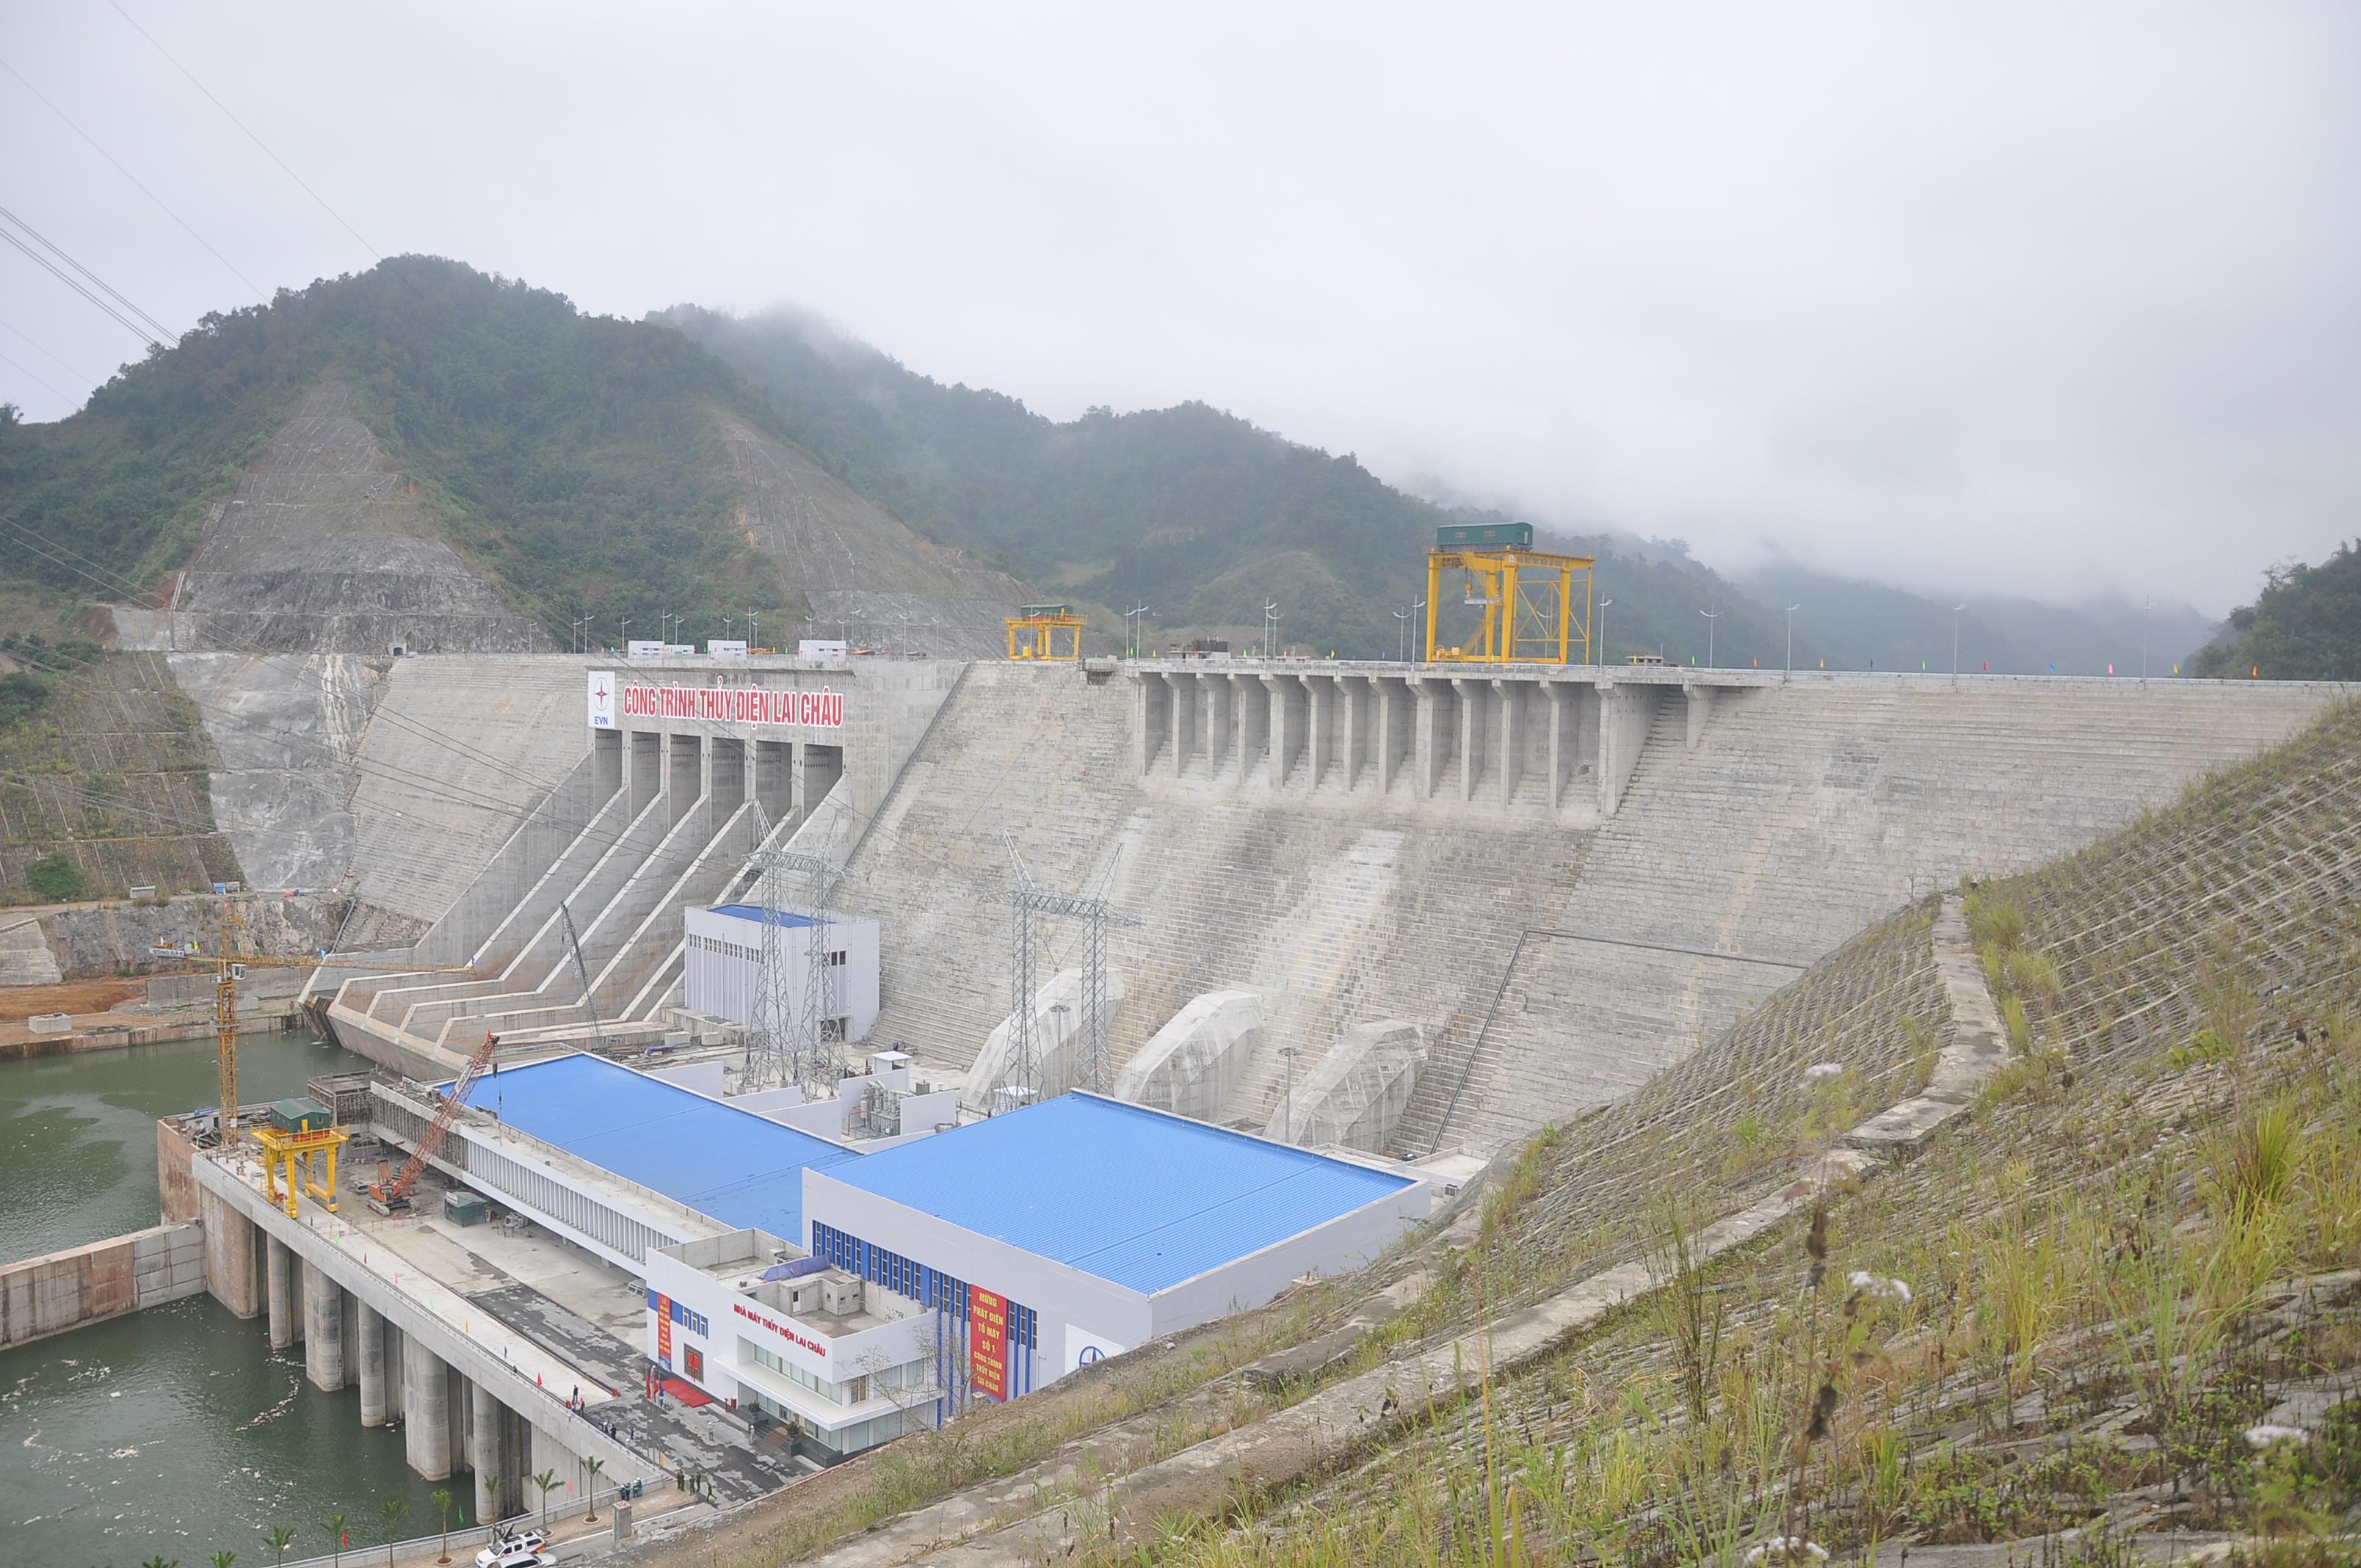 Toàn cảnh công trình Nhà máy Thủy điện Lai Châu nhìn từ cao trình